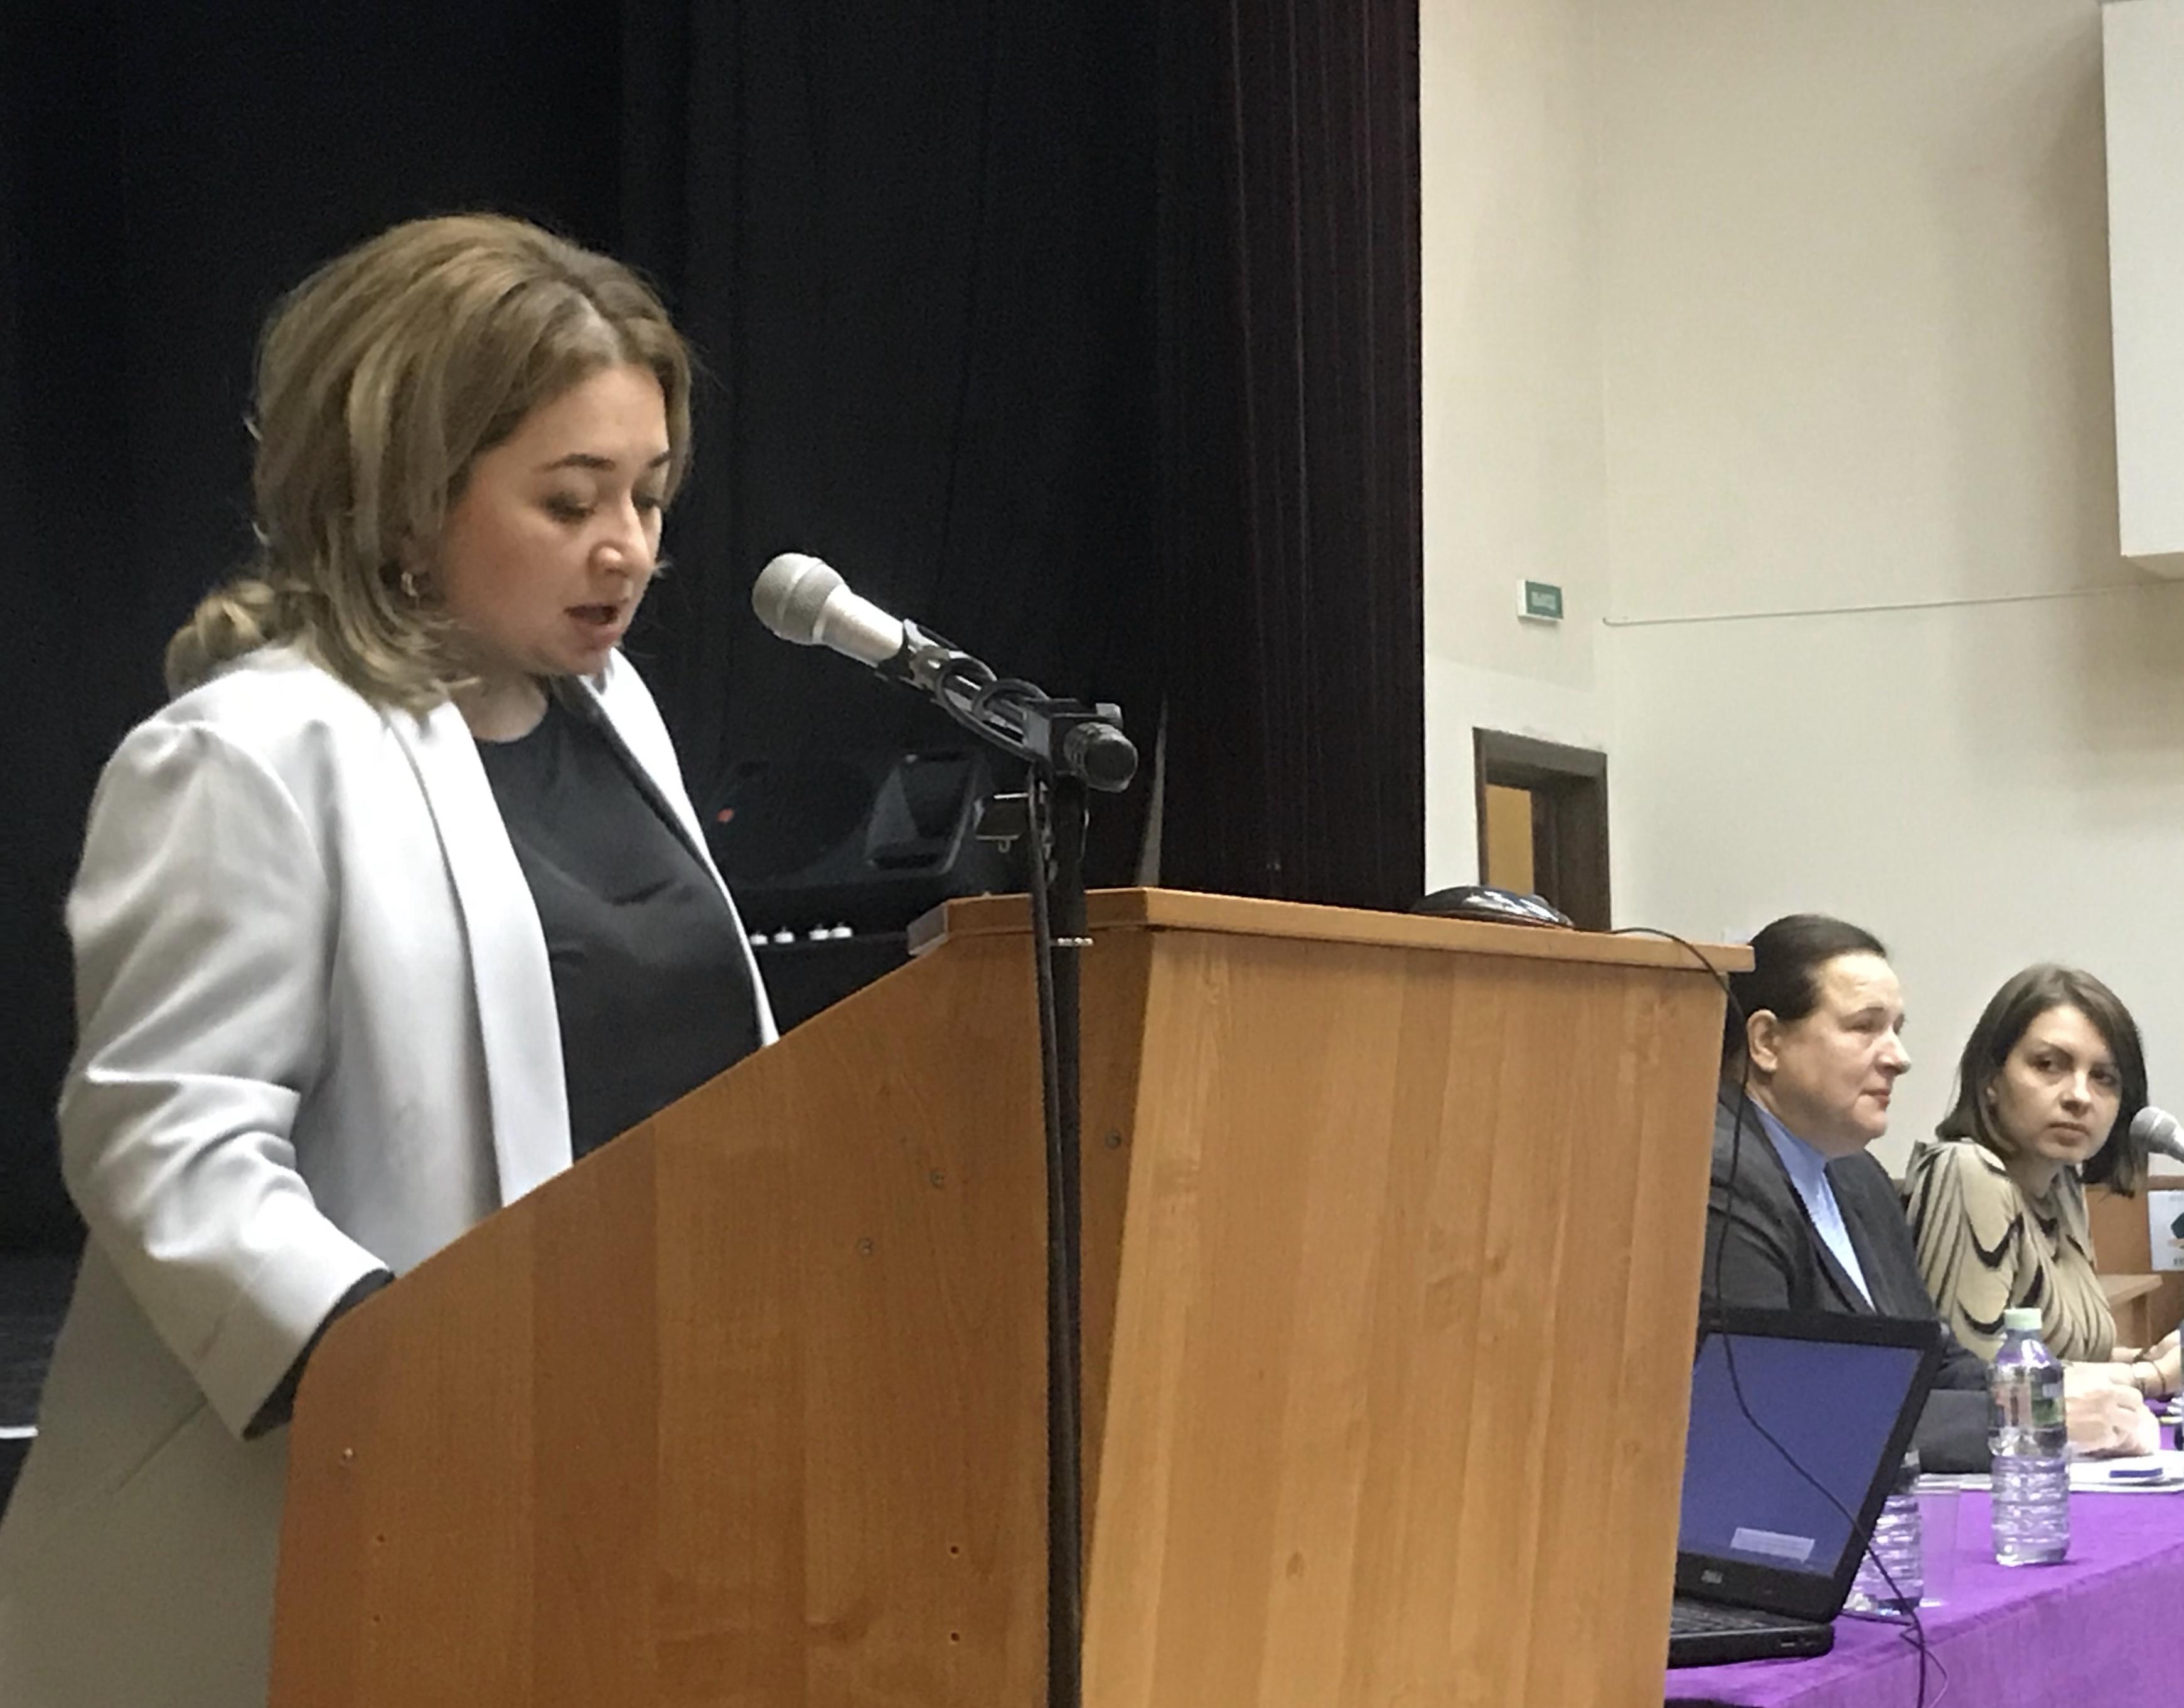 Югоосетинская делегация приняла участие во всероссийской научной конференции